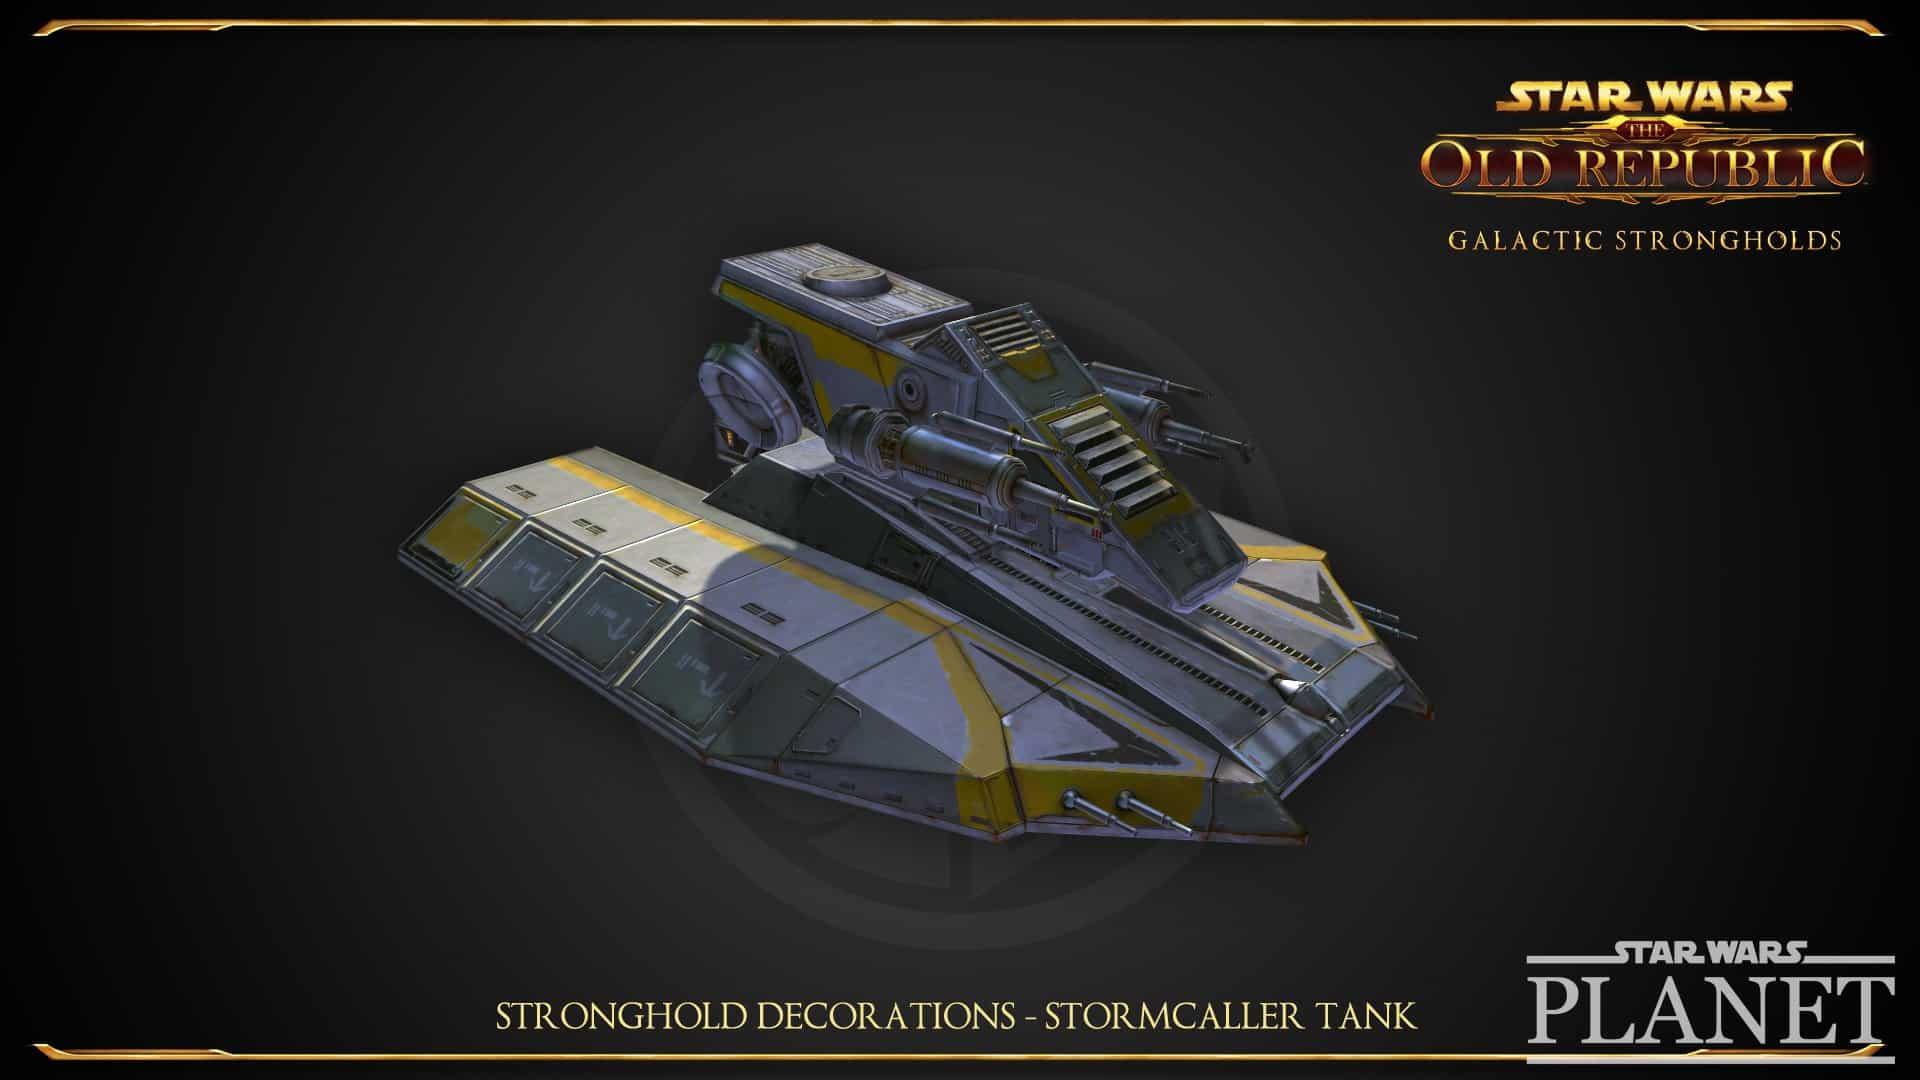 swtor_stormcallertank